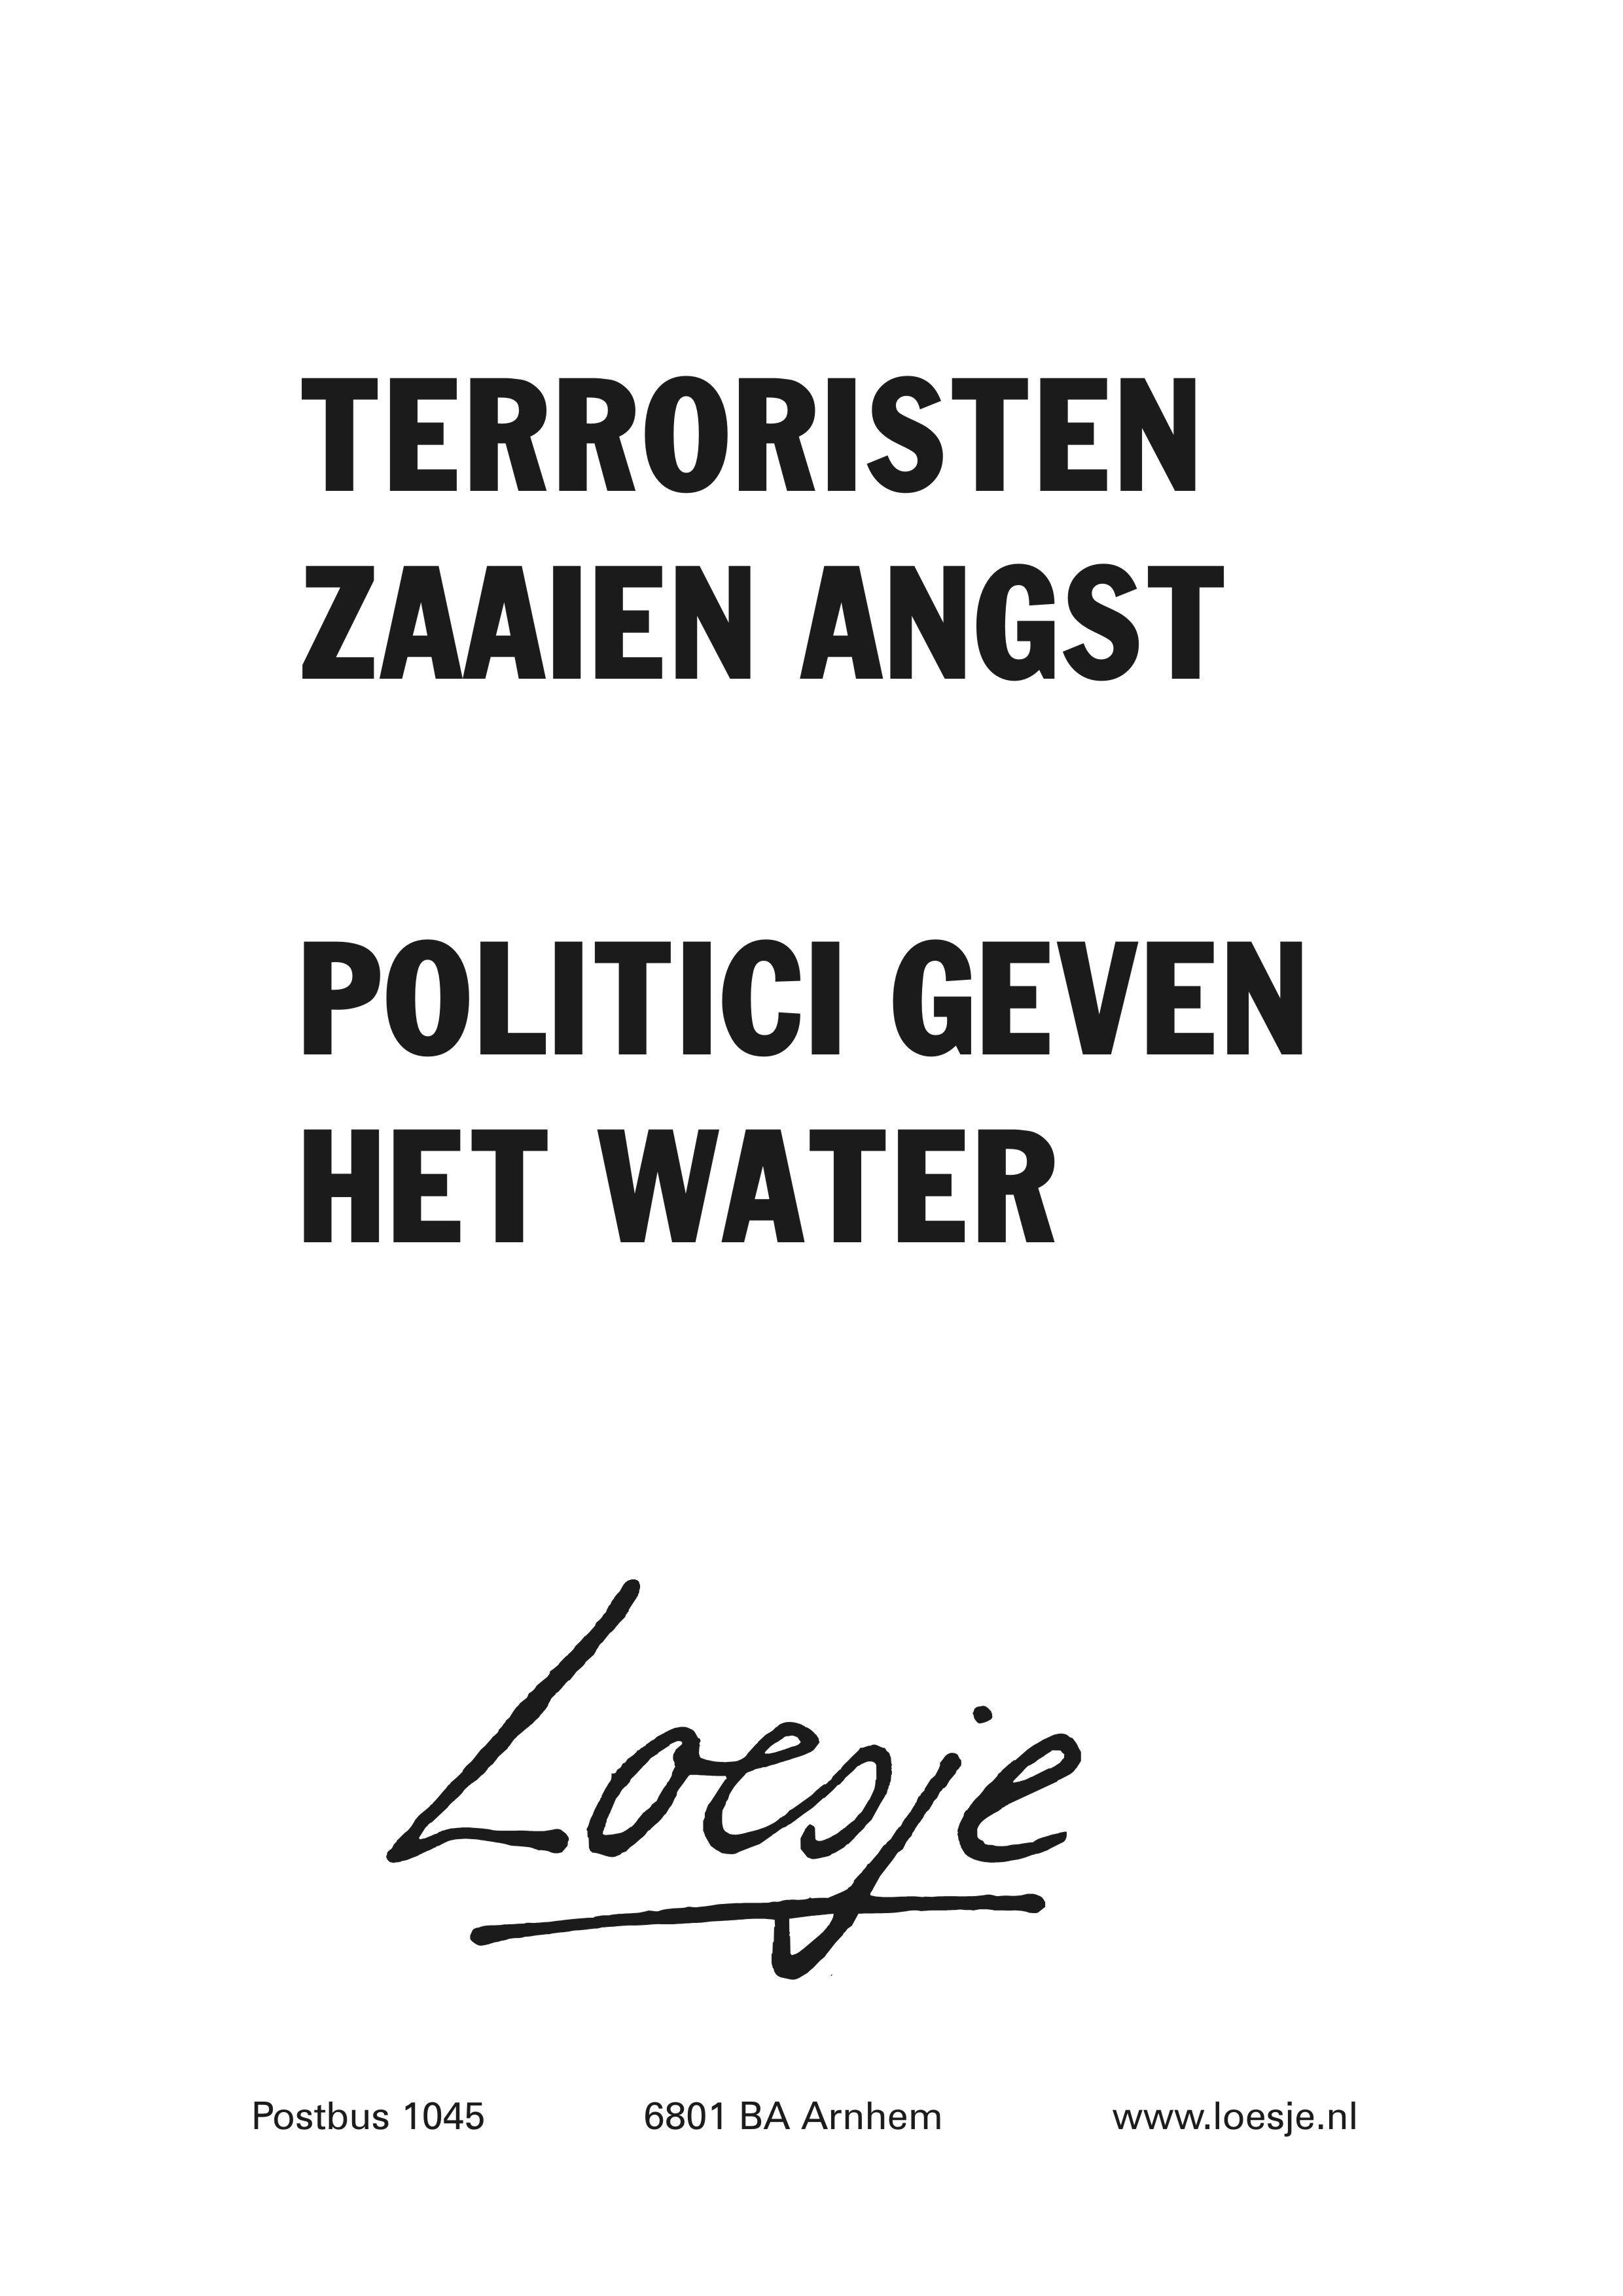 Citaten Van Politici : Terroristen zaaien angst politici geven het water loesje